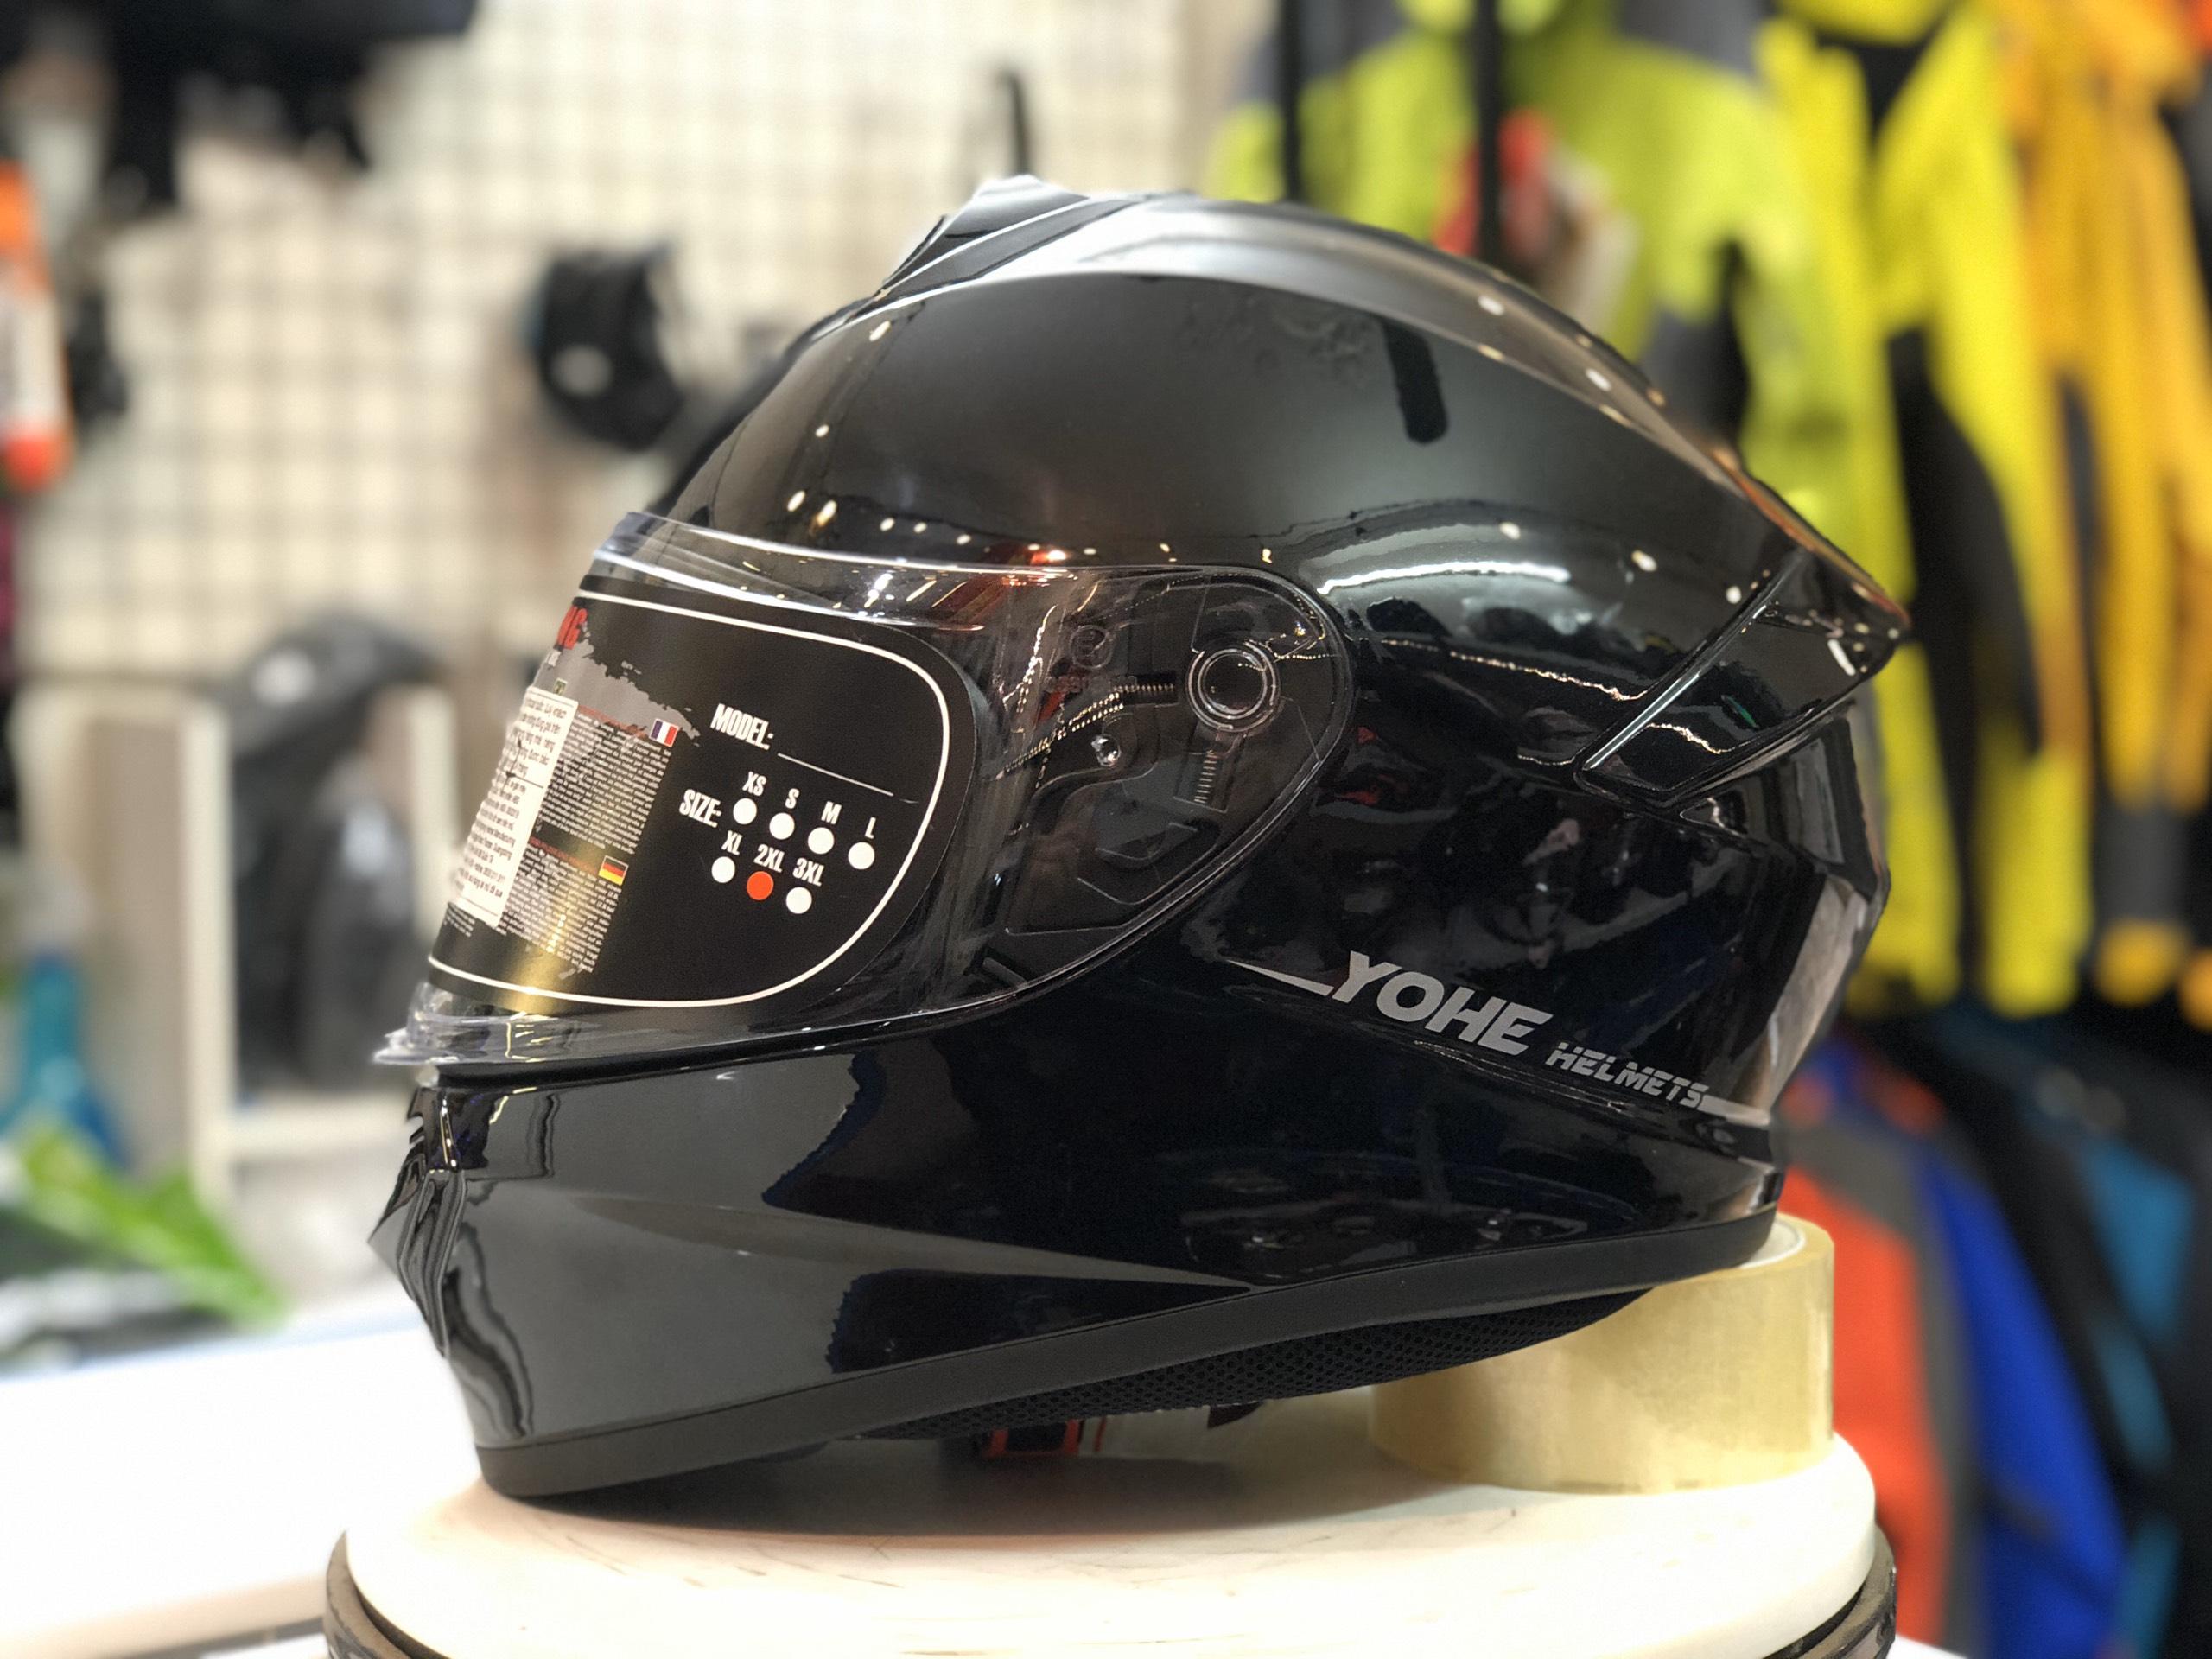 mũ bảo hiểm yohe 977 đen (2)